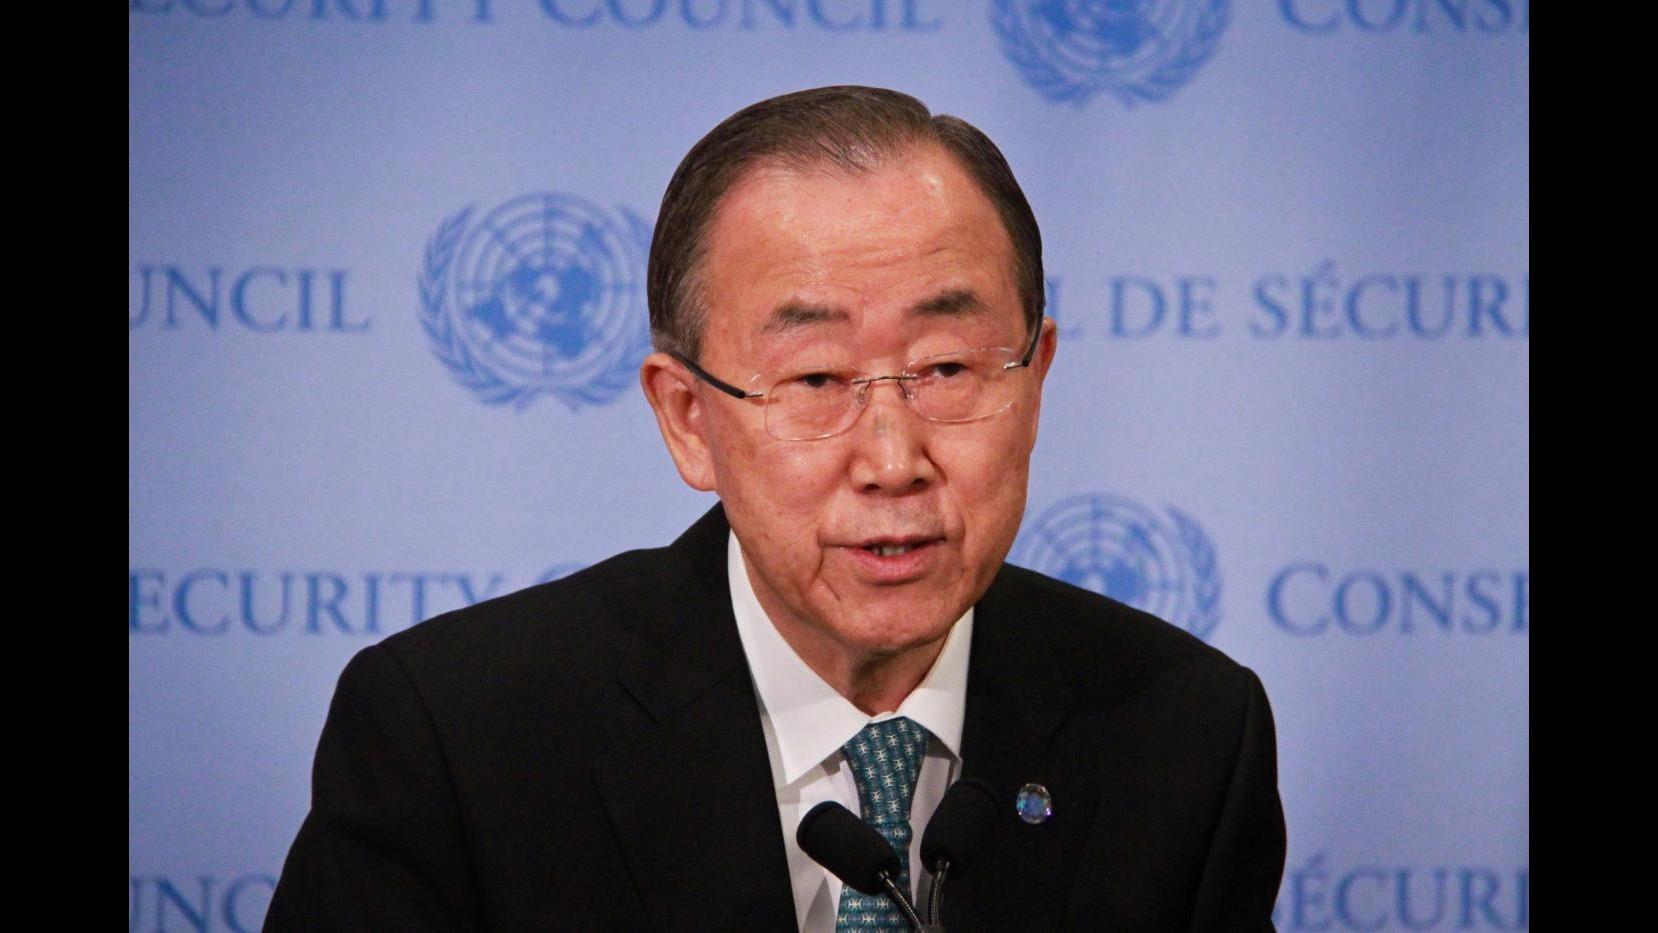 Sbarchi, Ban Ki-moon: Ue dia risposta a morti nel Mediterraneo